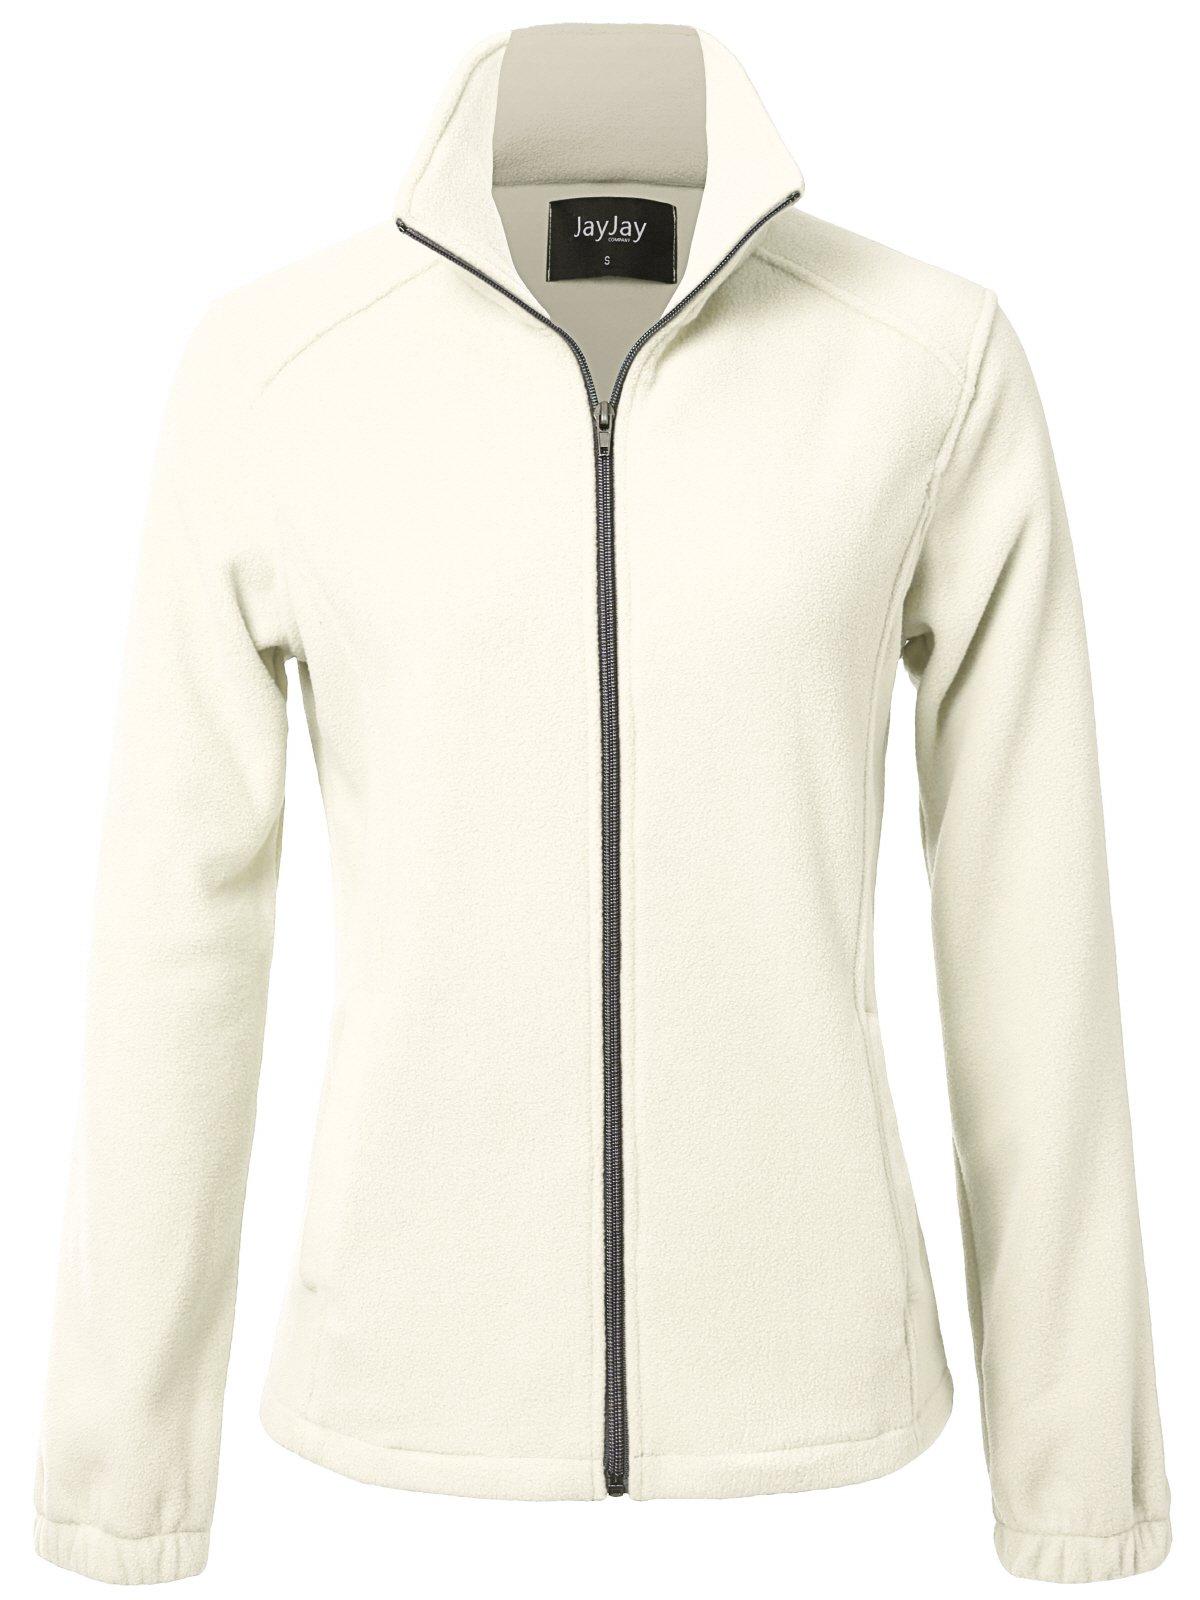 JayJay Women Ultra Soft Breathable Full-Zip Fleece Long Sleeve Jacket,Beige,2XL